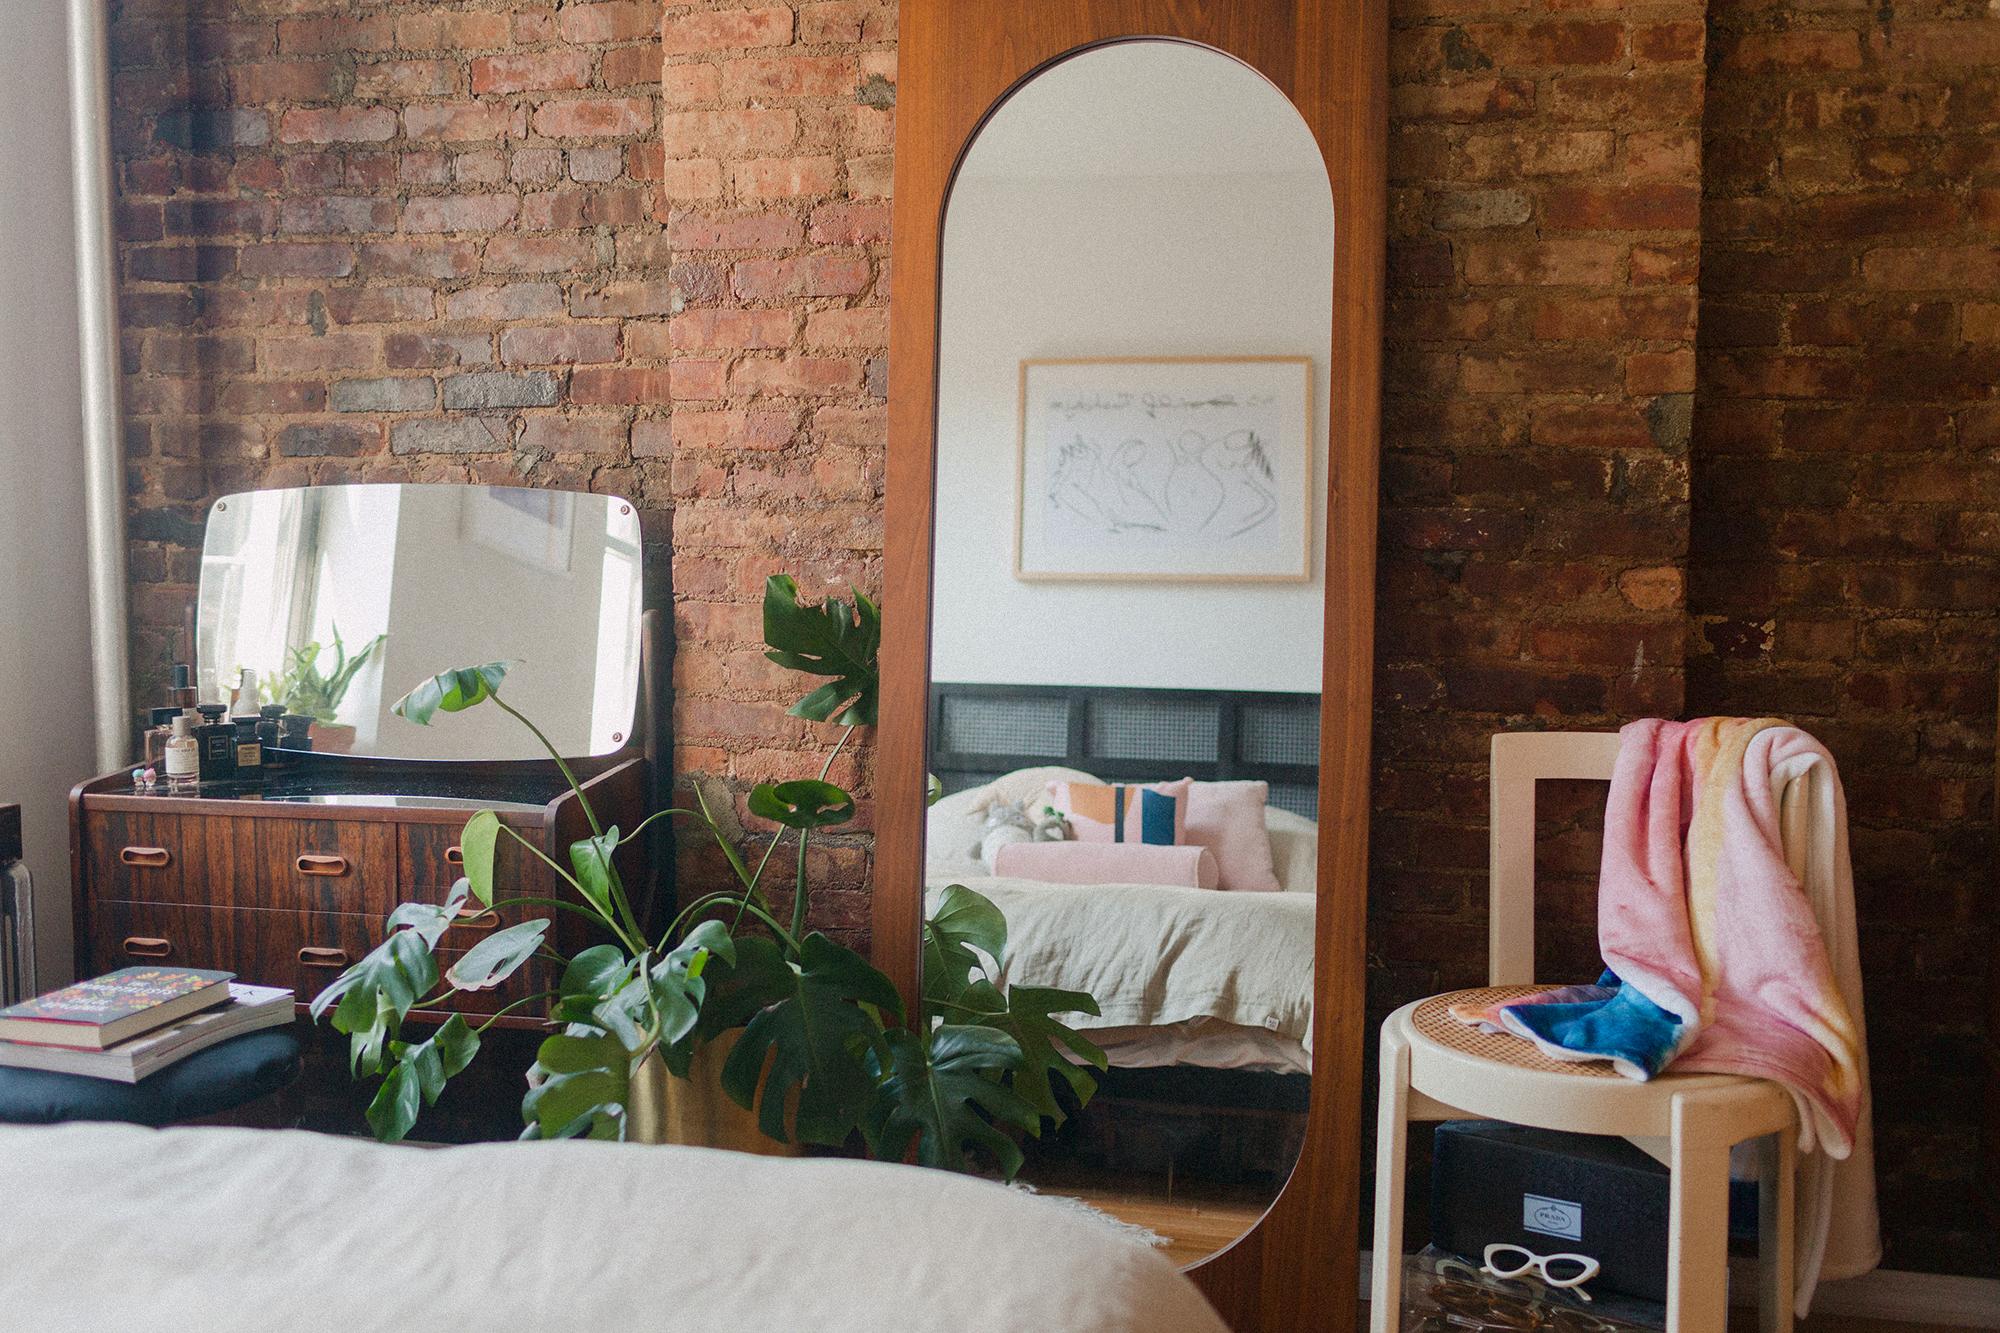 Alyssa's Apartment